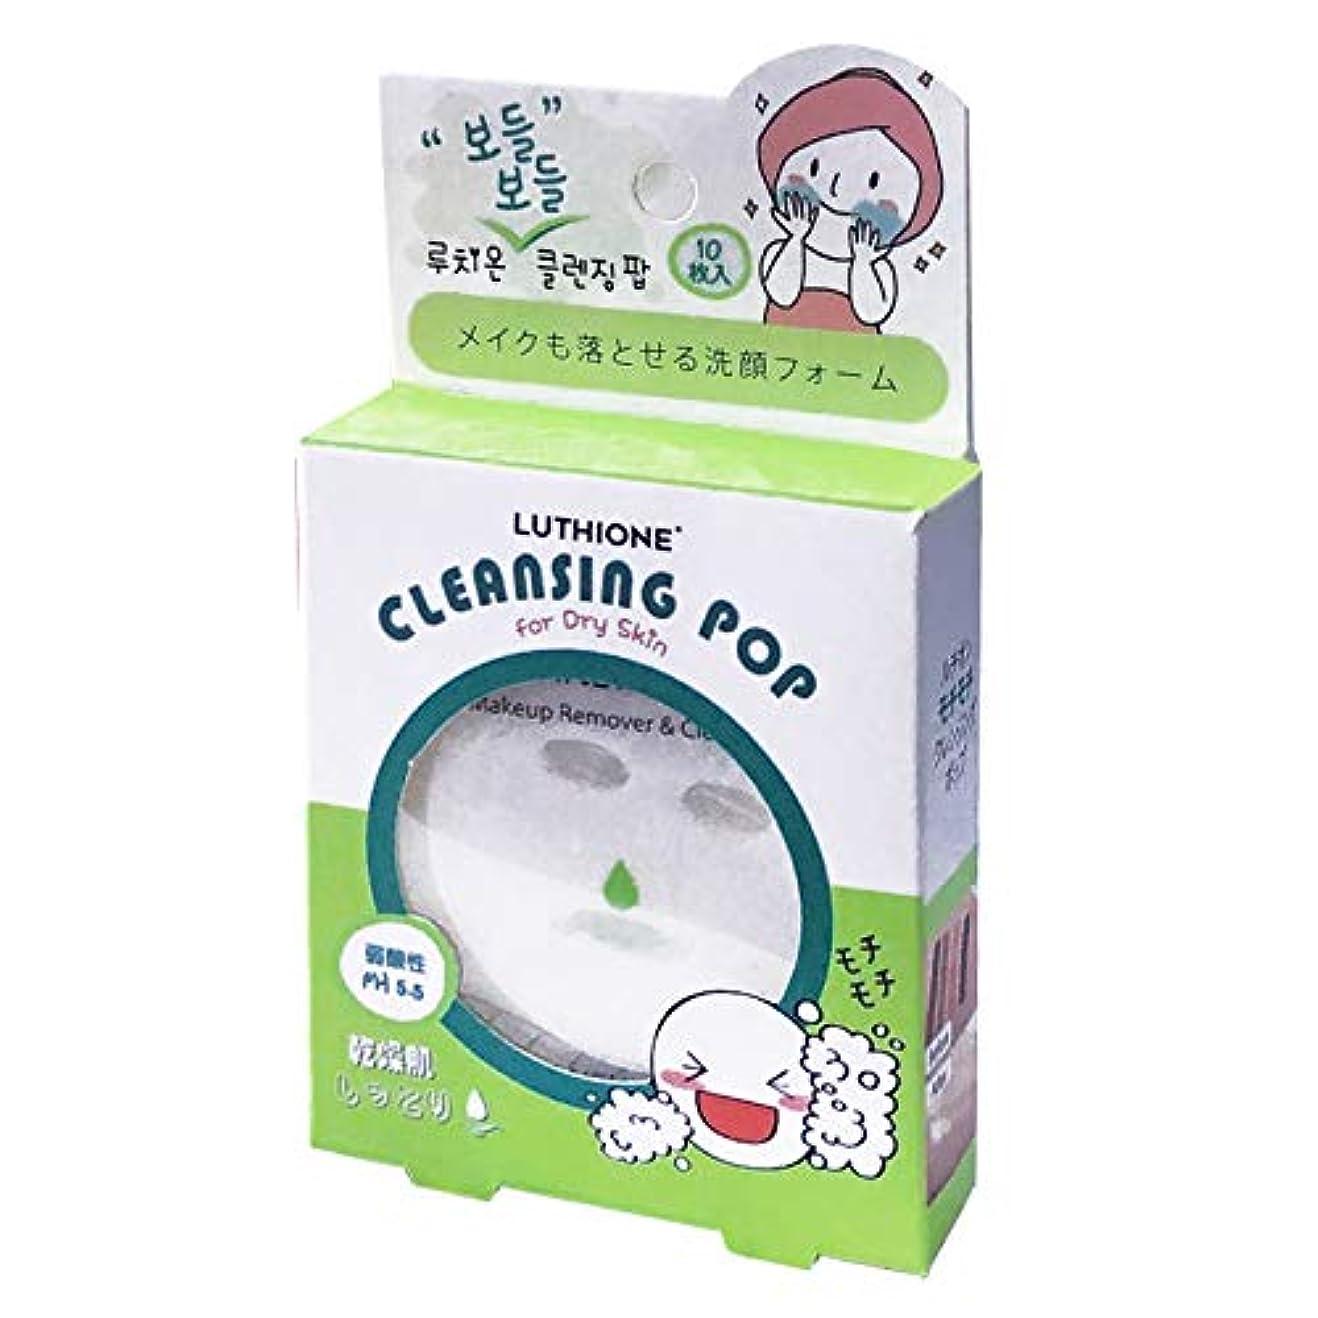 食い違い退屈土砂降り【まとめ買い】ルチオン クレンジングポップ (LUTHIONE CLEANSING POP) 乾燥肌 10枚入り ×10個